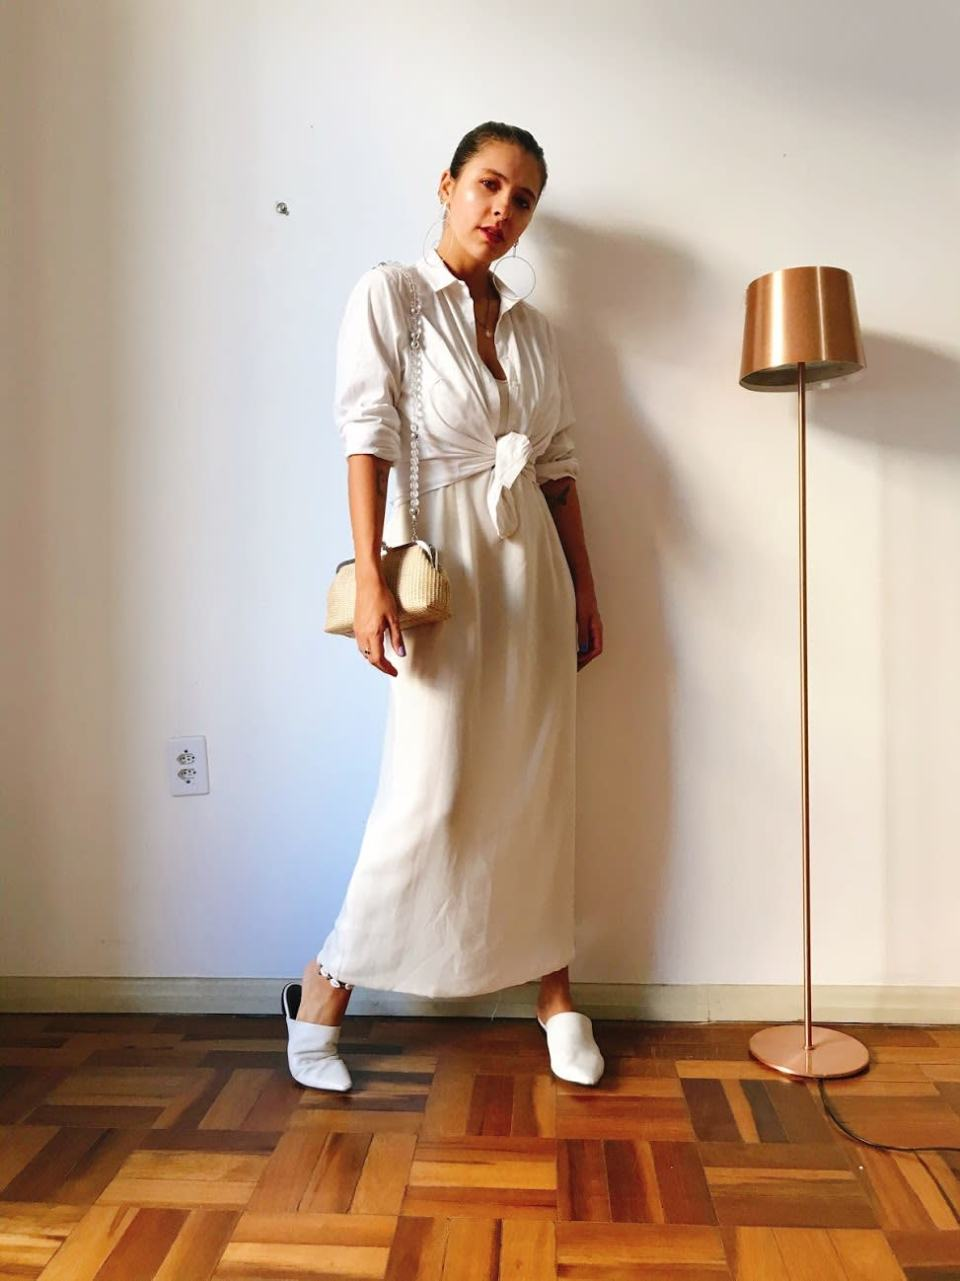 Marcie posa em frente a uma parede branca com uma luminária rosé. O look é composto por cabelos presos, brinco grande prateado, vestido branco longo com camisa branca amarrada por cima, mule branco e bolsa de palha com alça de miçangas.